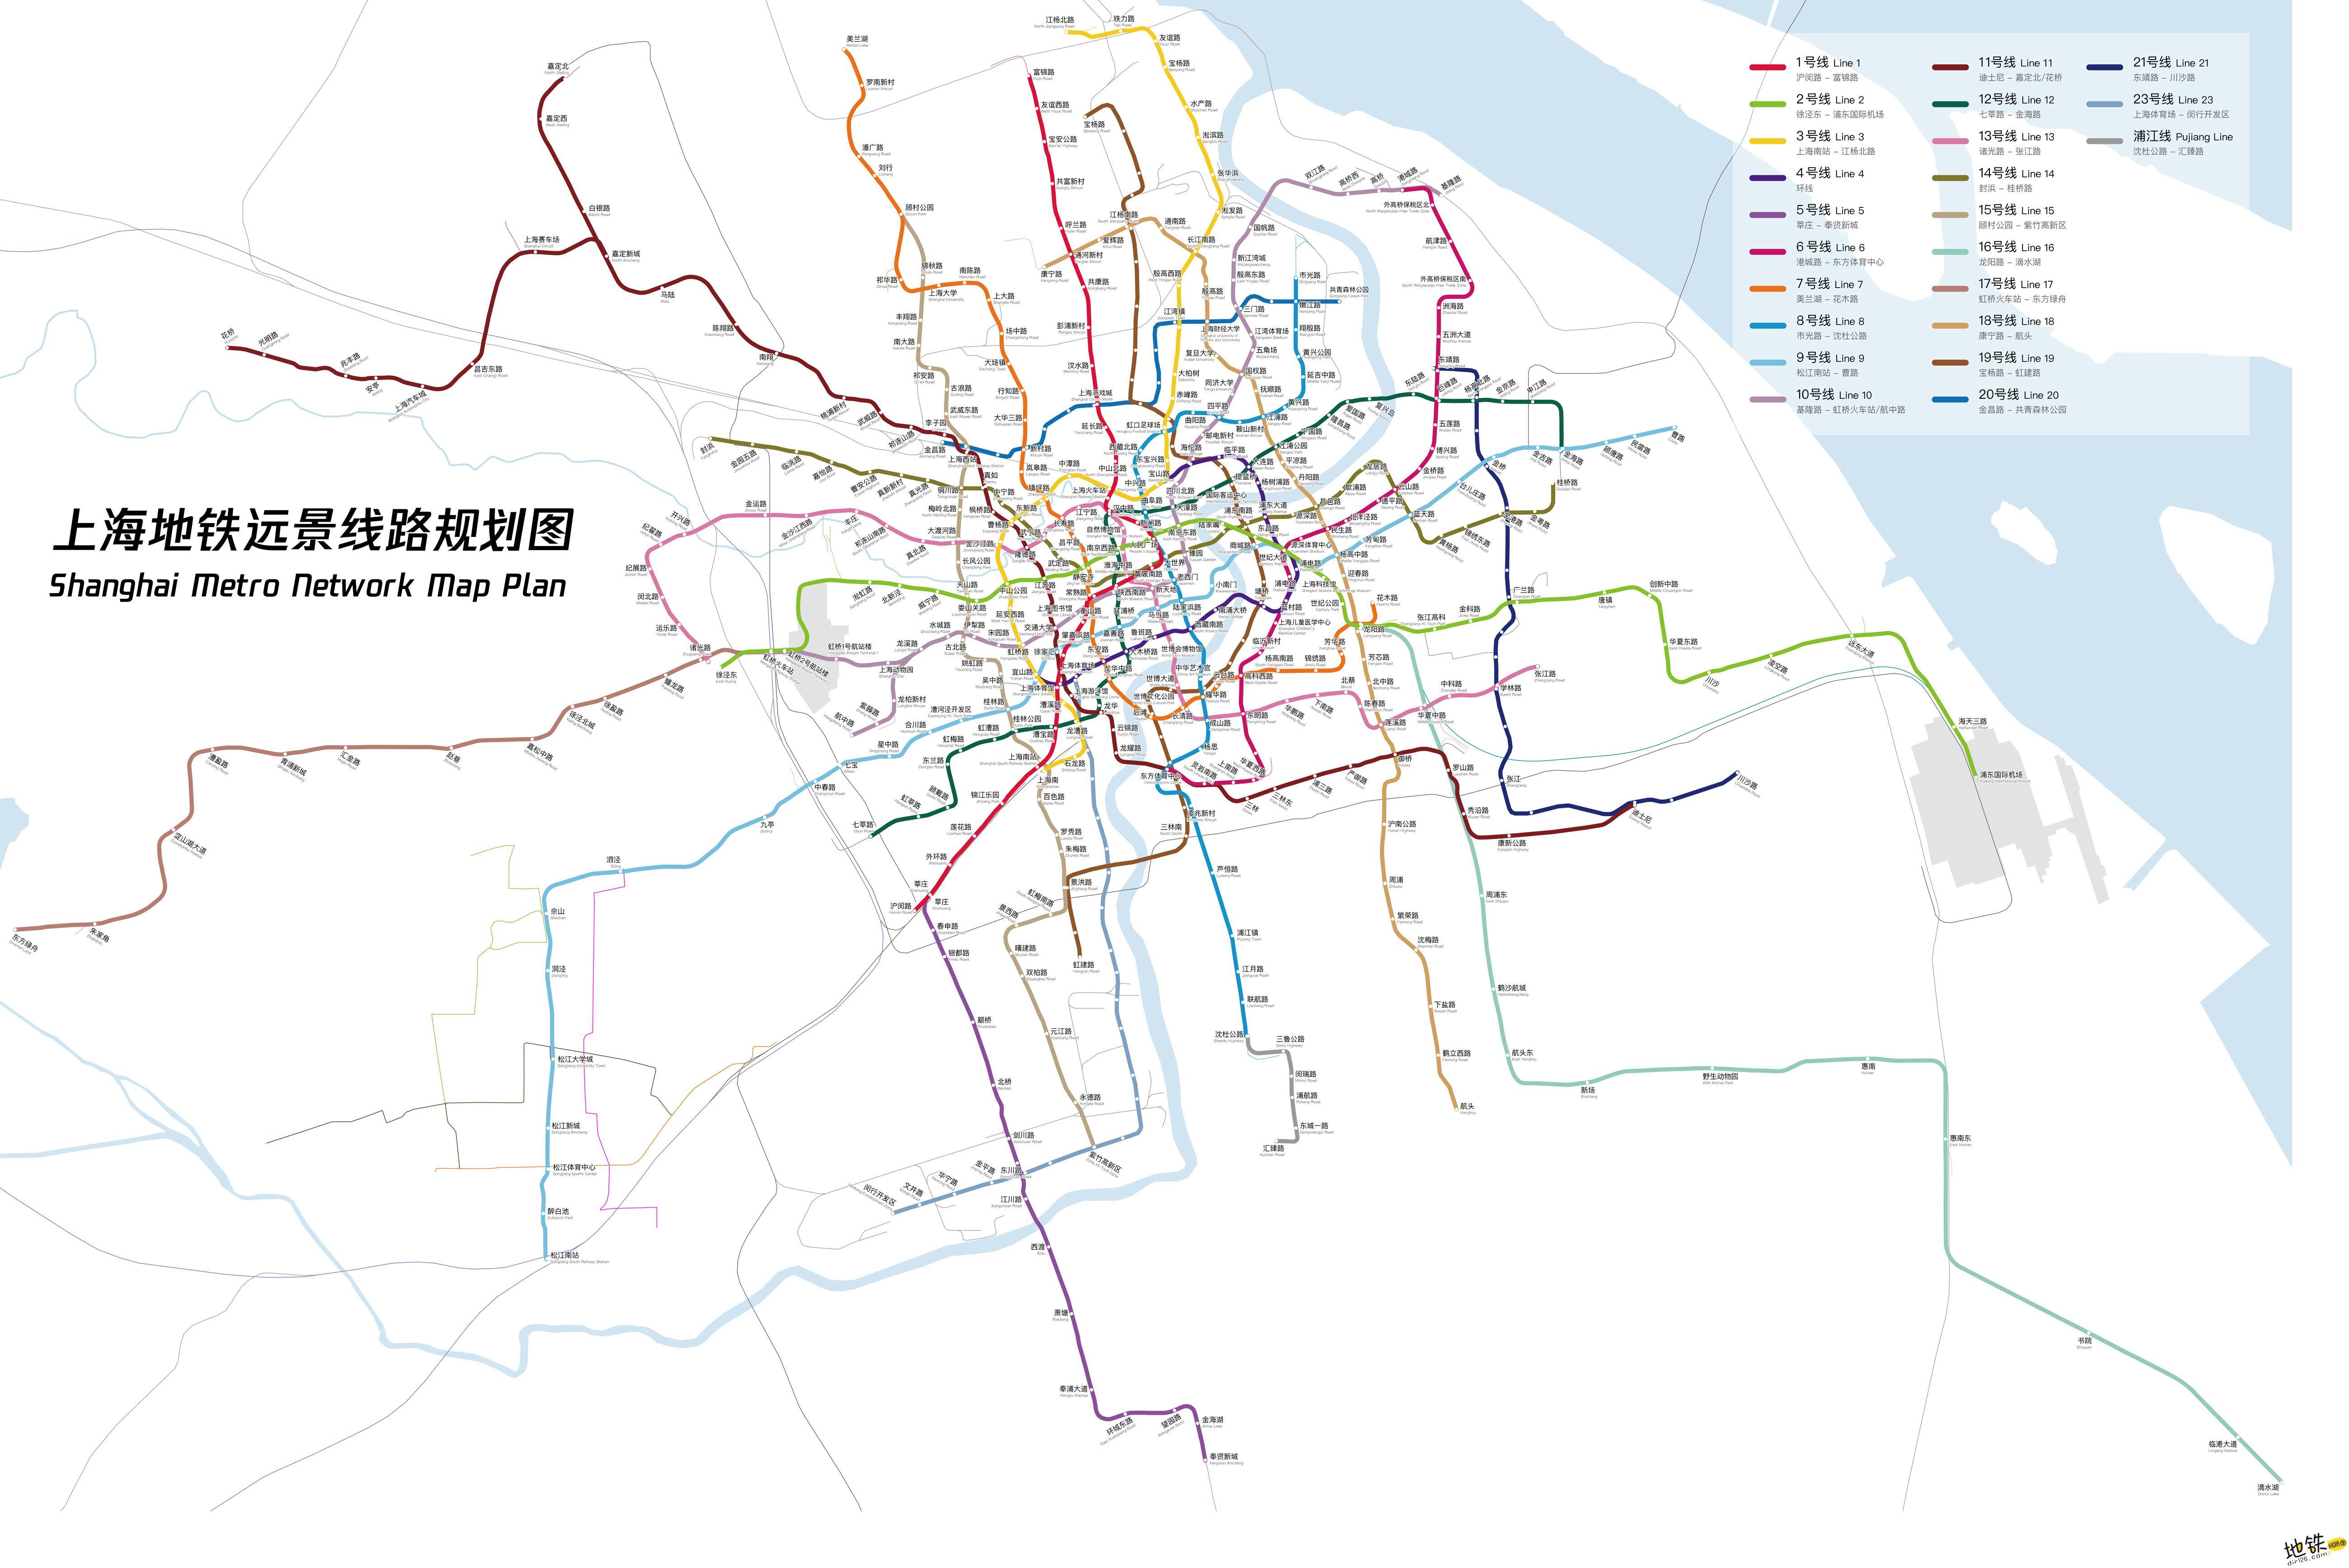 上海地铁线路图 运营时间票价站点 查询下载 上海地铁线路图 上海地铁票价 上海地铁运营时间 上海地铁 上海地铁线路图  第3张